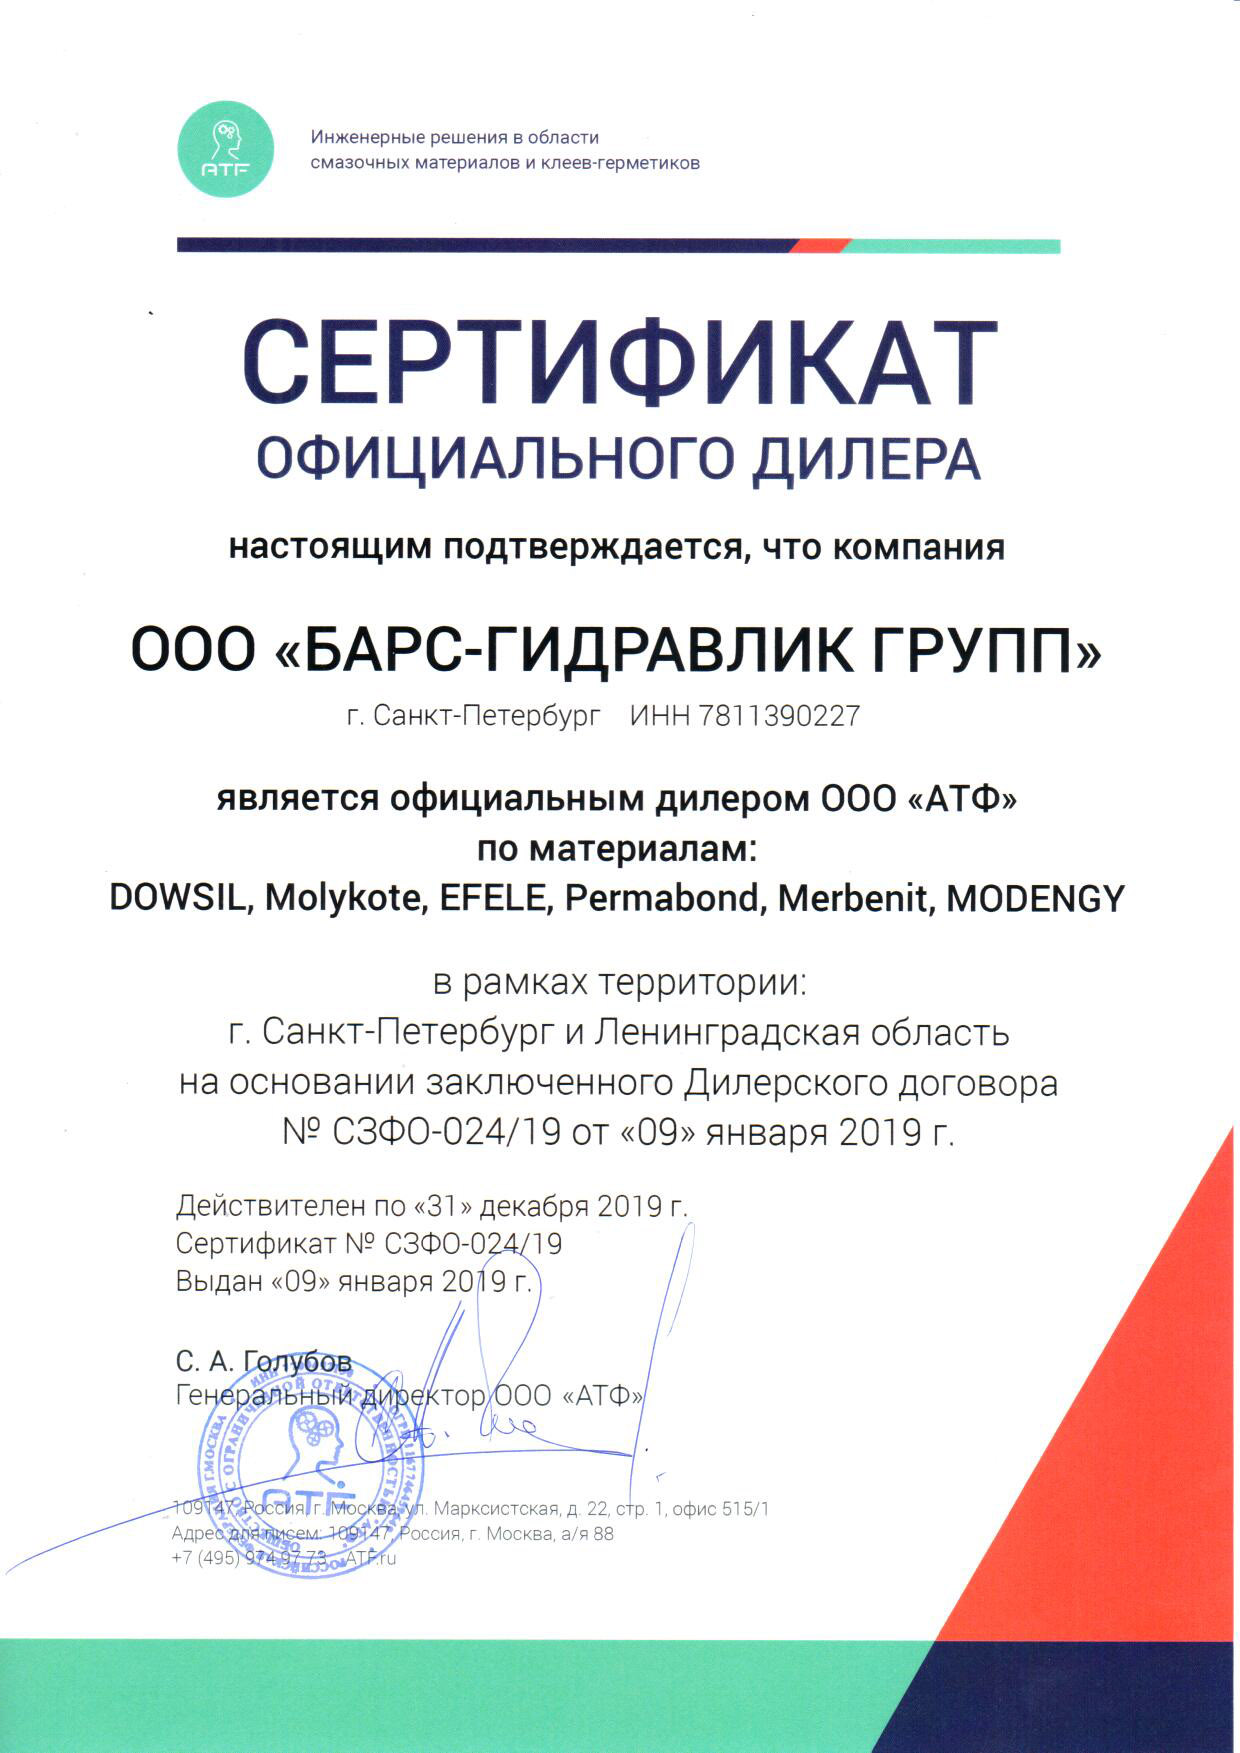 Сертификат АТФ